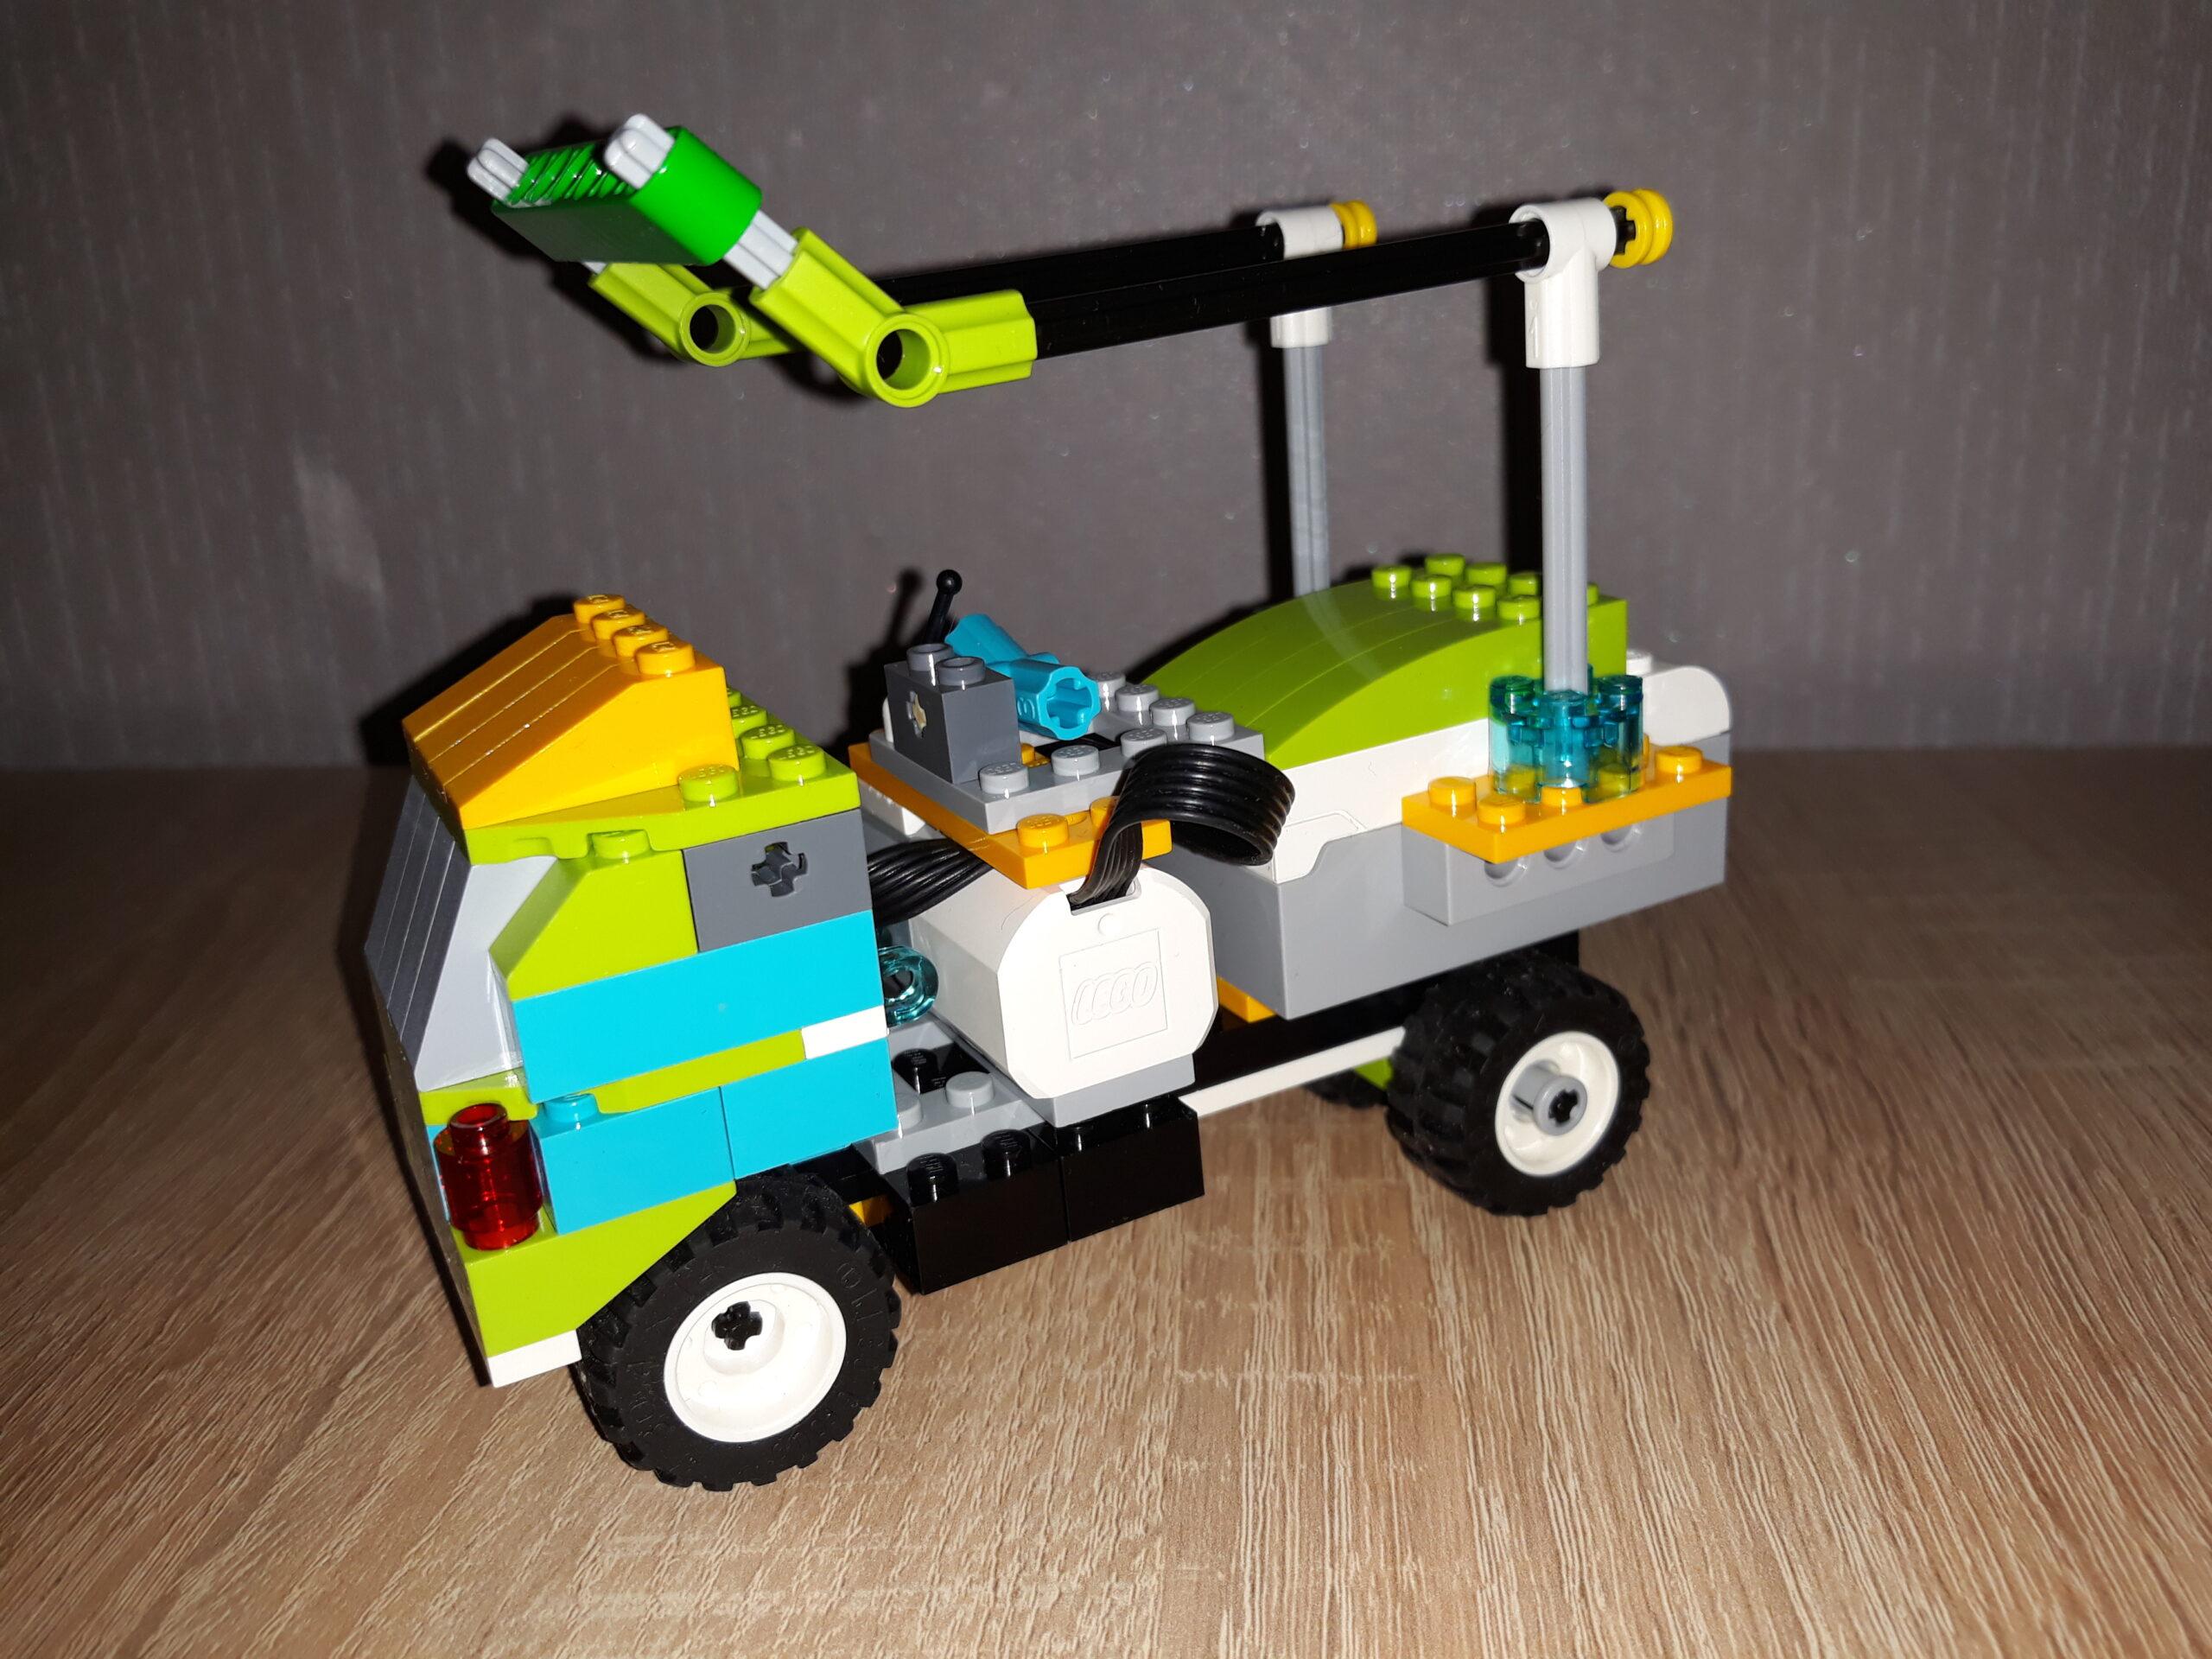 Инструкция по сборке из набора LEGO Education WeDo 2.0 Модифицированный грузовичок